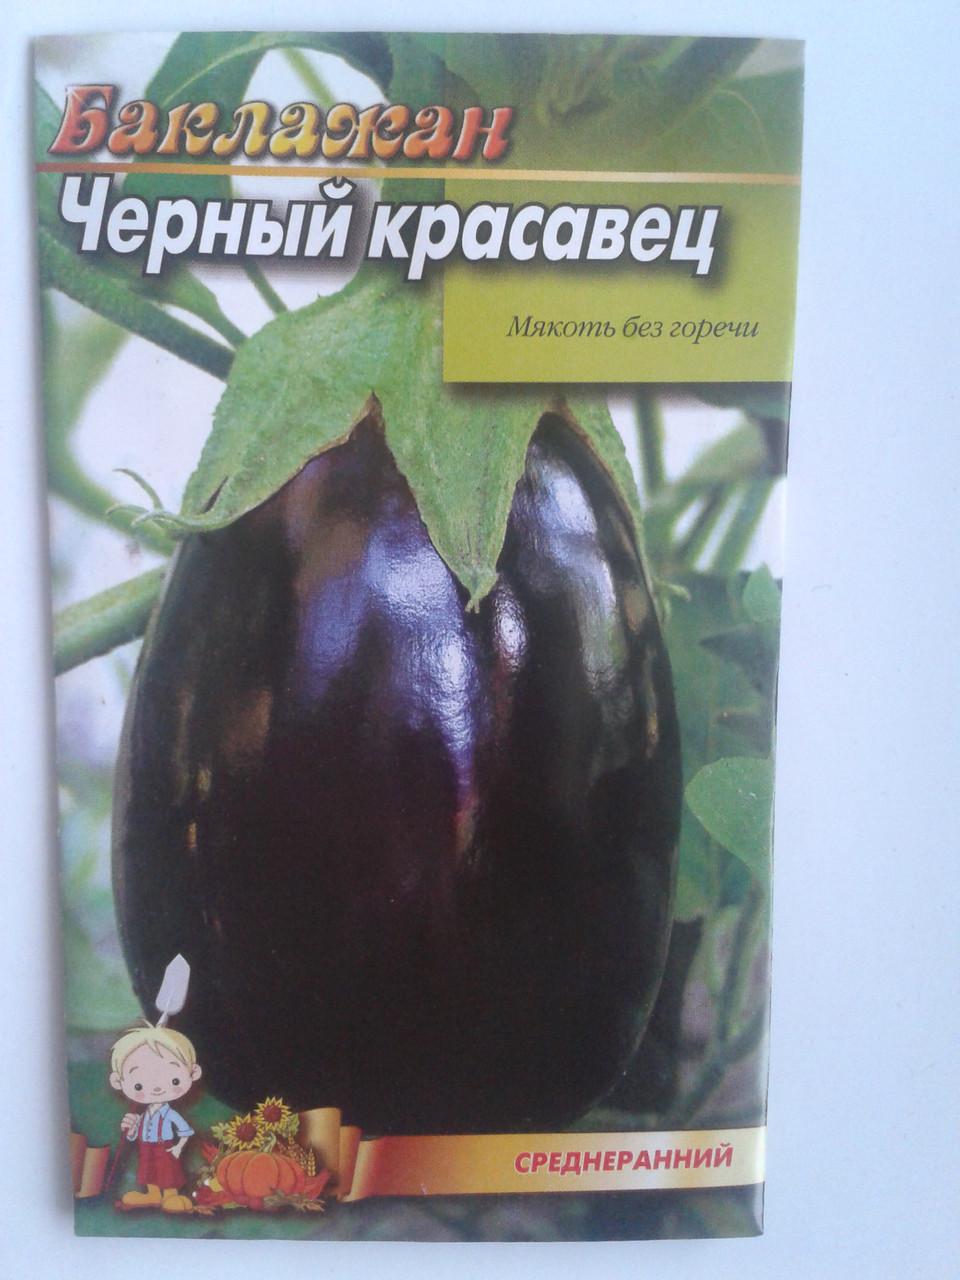 Черный красавец: описание, характеристика, выращивание